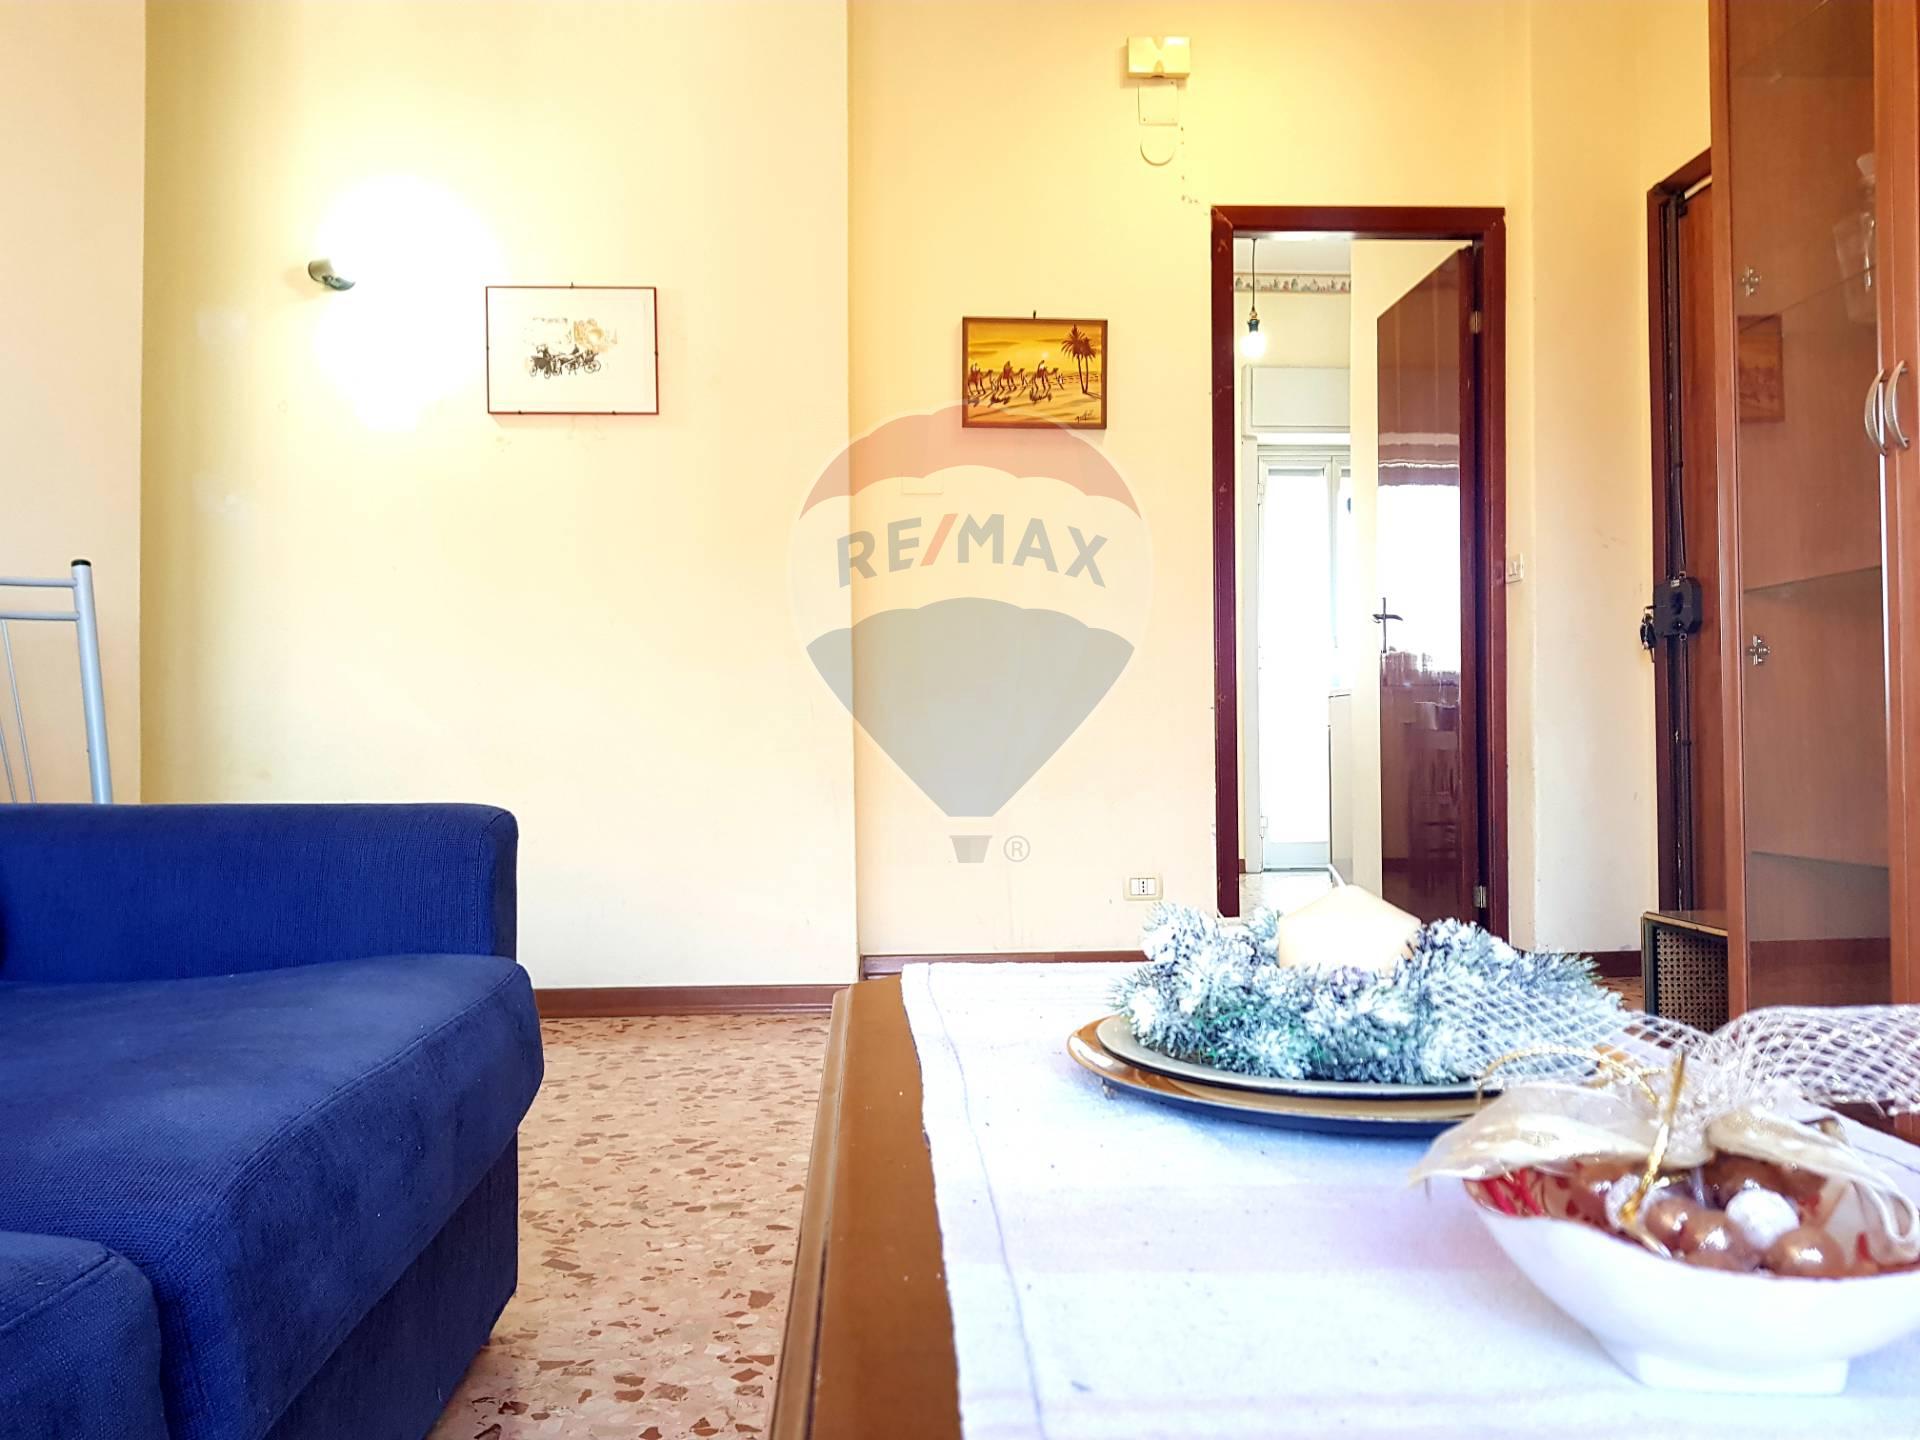 Appartamento CATANIA vendita  Catania-barriera,santasofia-cittadella,gioieni  RE/MAX Casa Trend